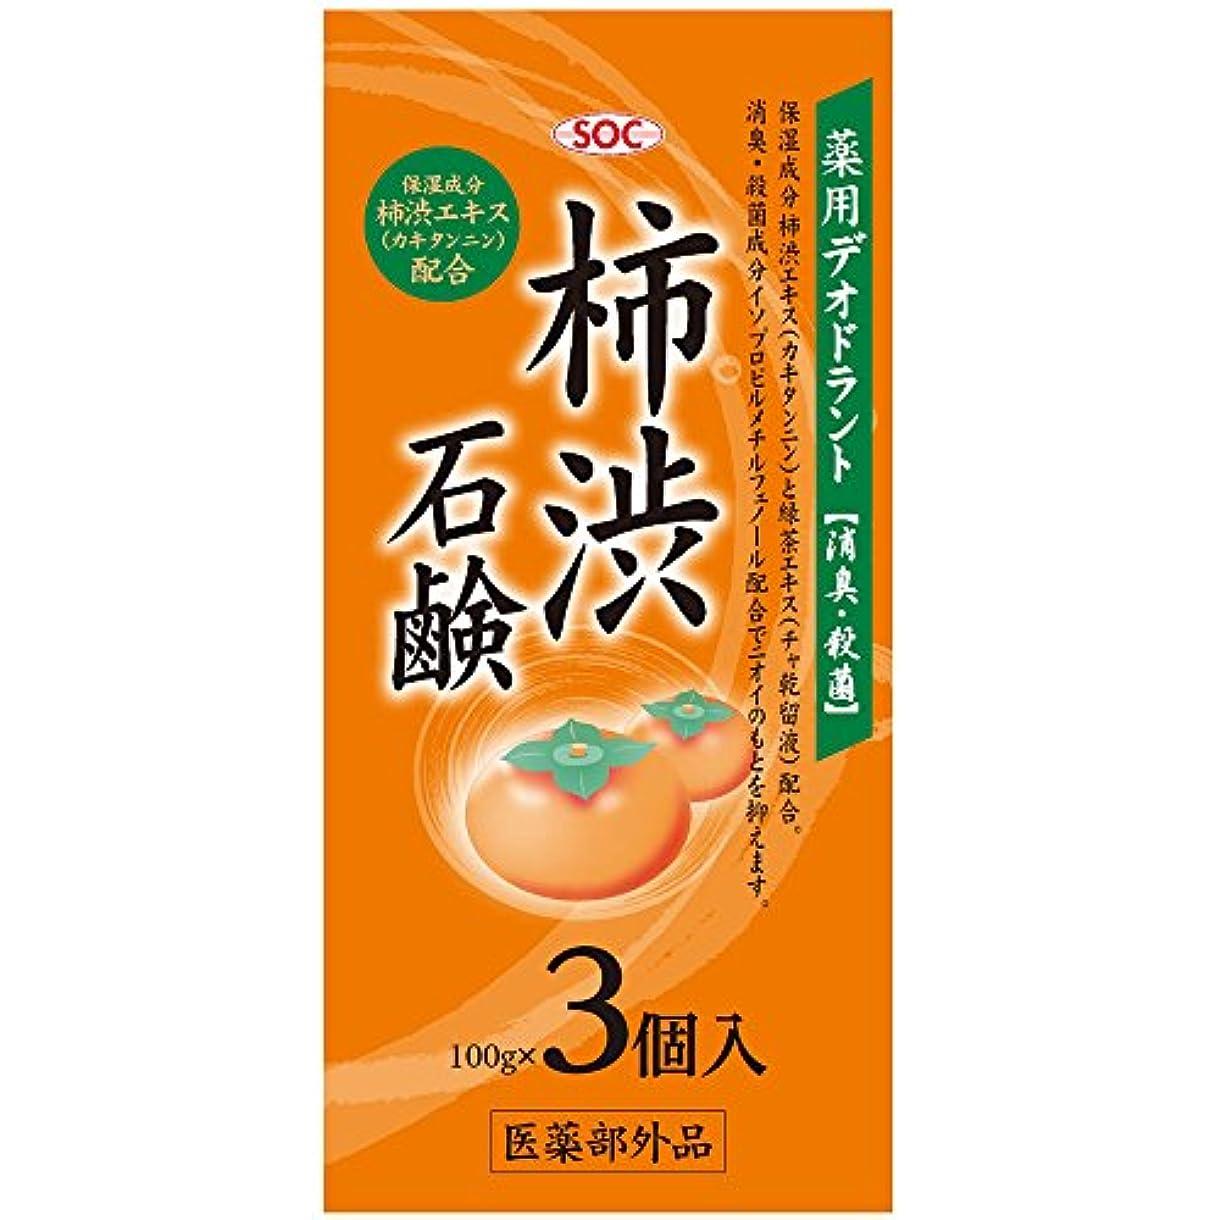 モスク組マージンSOC 薬用柿渋石鹸 3P (100g×3)